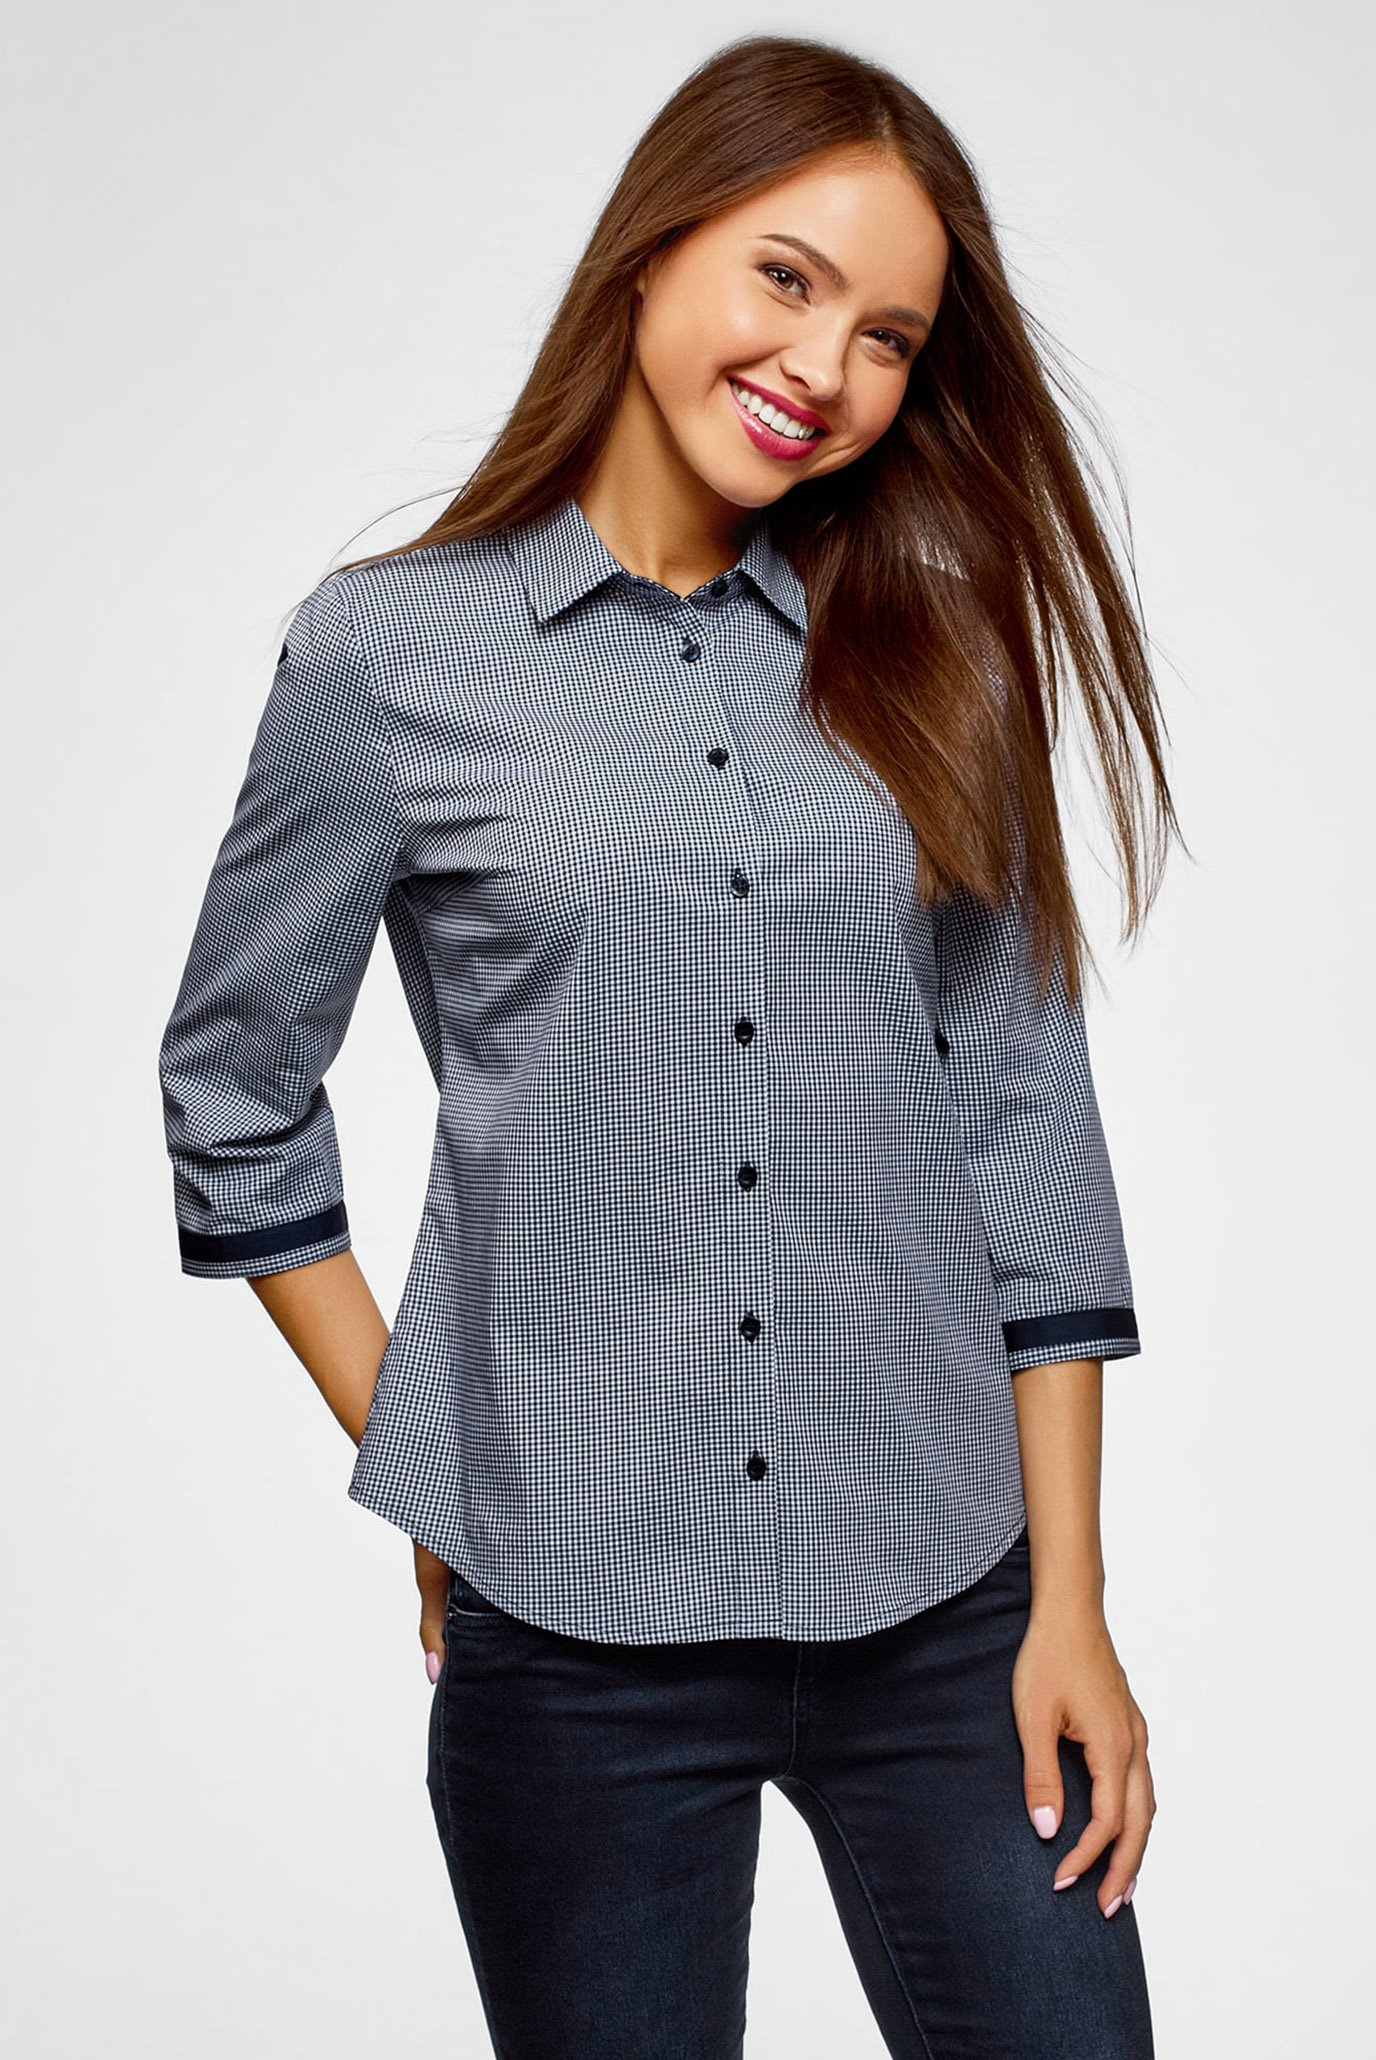 c6617029ca46 Купить Женская синяя рубашка в клетку Oodji Oodji 13L03003B/43346 ...